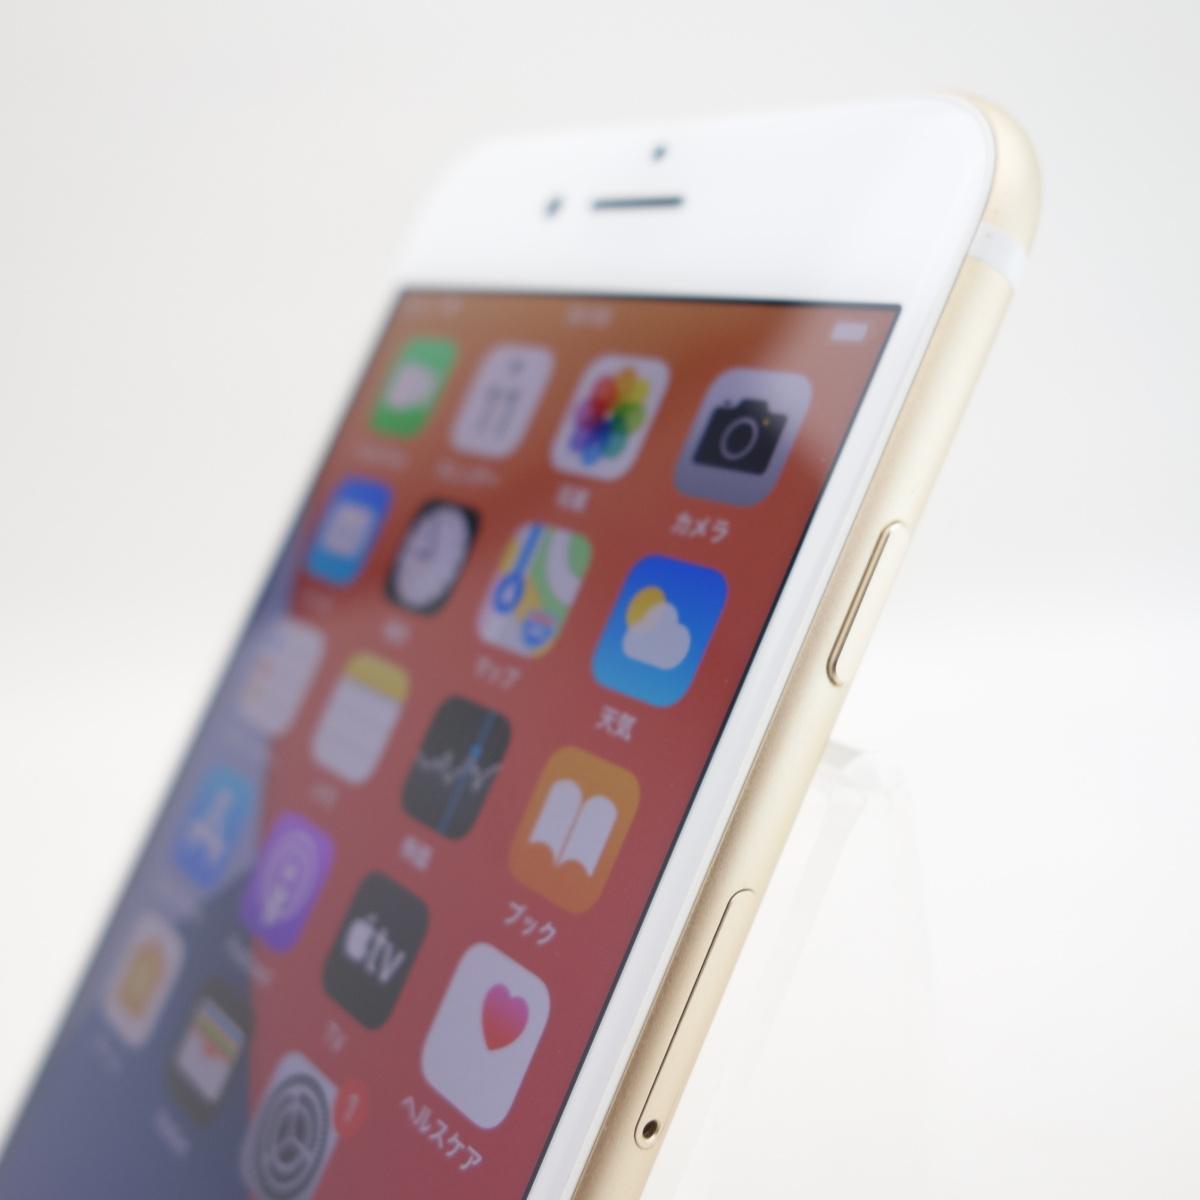 Apple iPhone 7 128GB ゴールド SIMフリーの商品画像 4